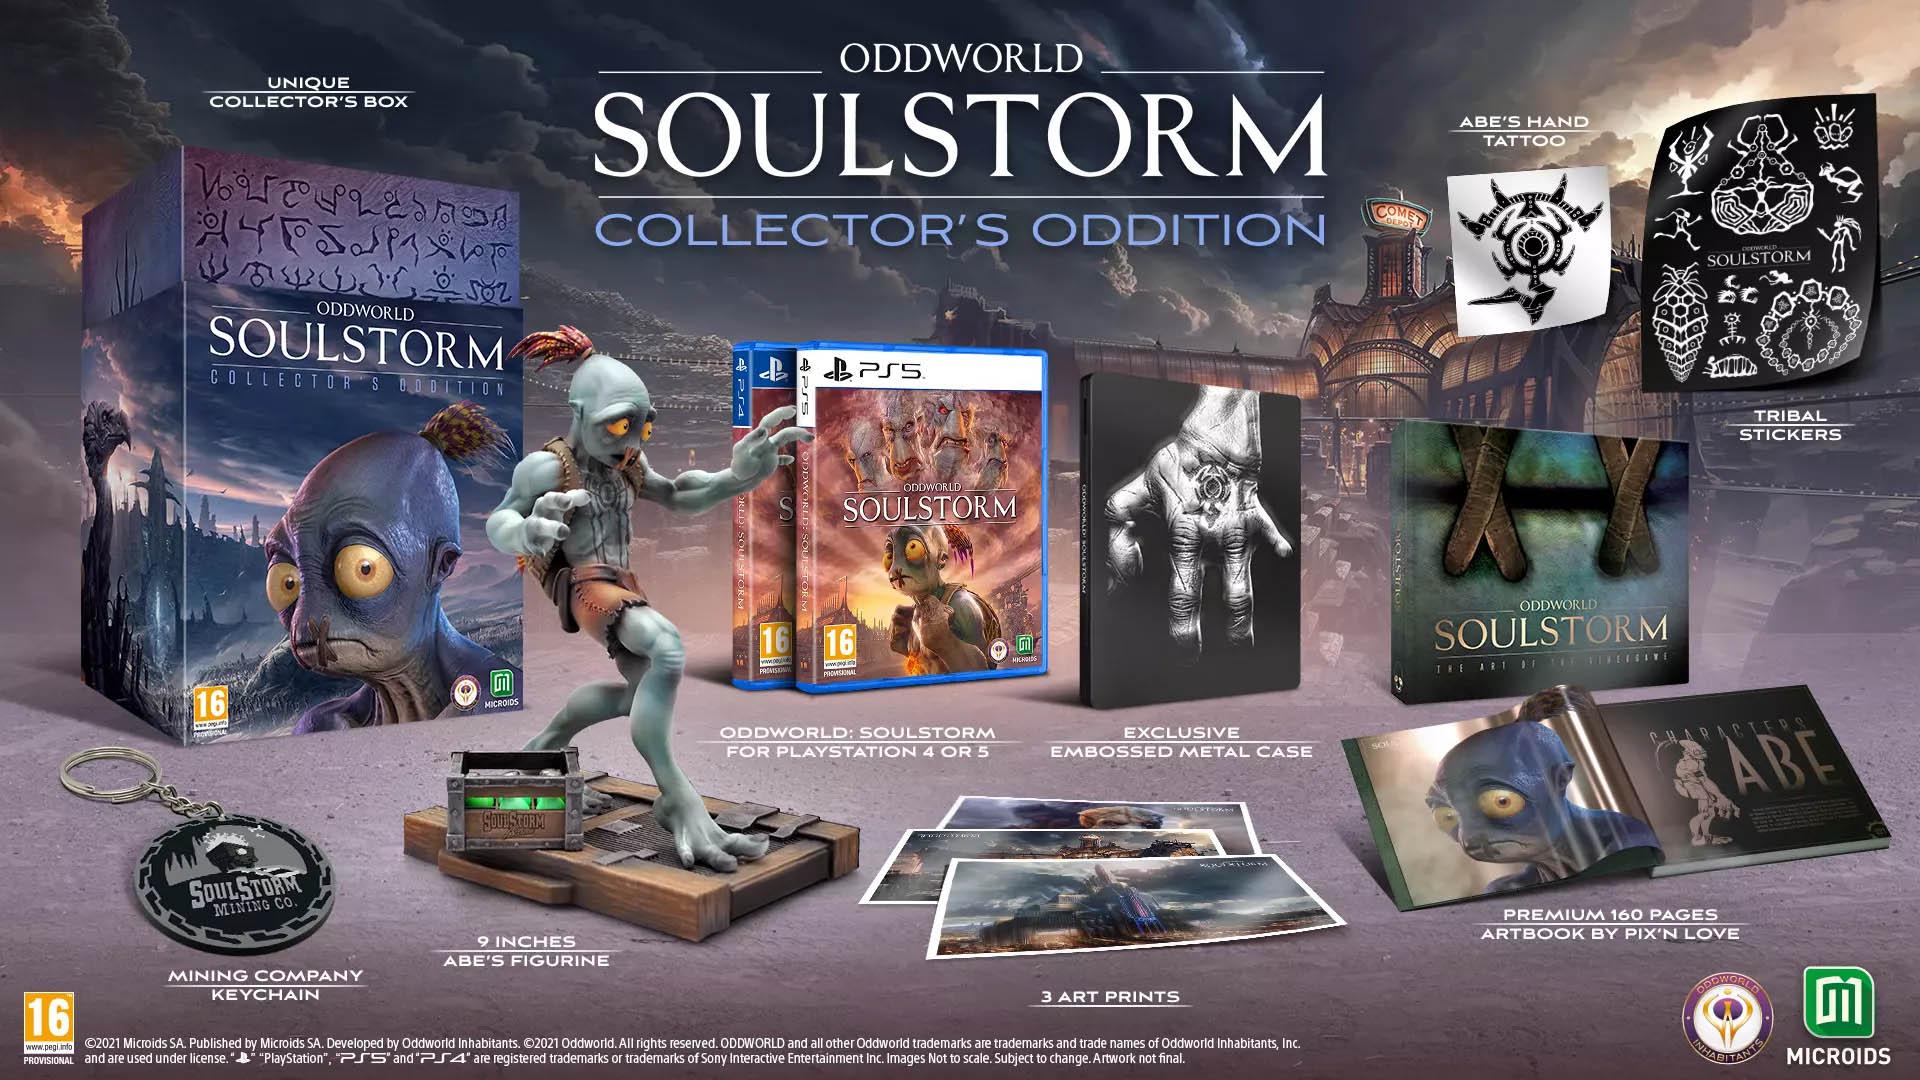 Oddworld Soulstorm - Collectors Edition